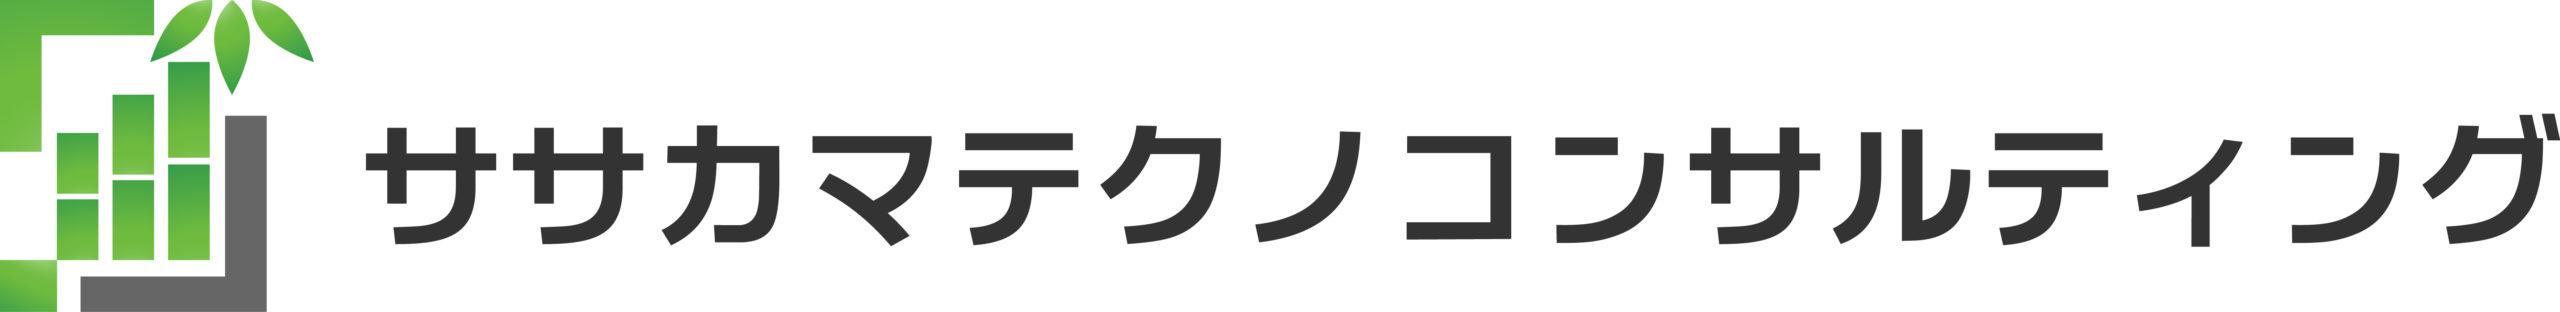 日本語の職務経歴書・履歴書から英文履歴書CVレジュメ カバーレター添削作成代行。